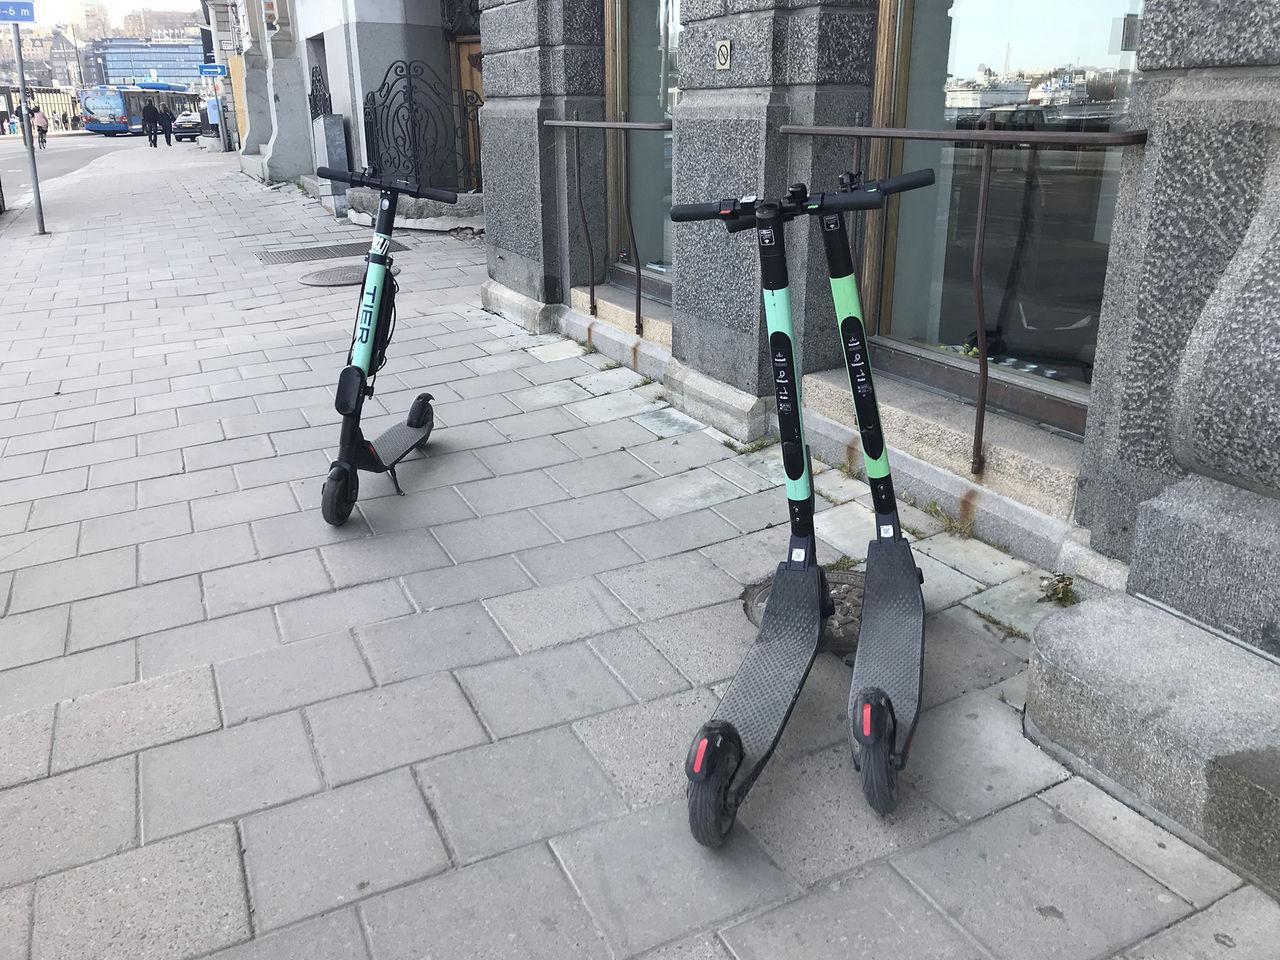 Elsparkcykel-företag stämmer Oslo stad gemensamt